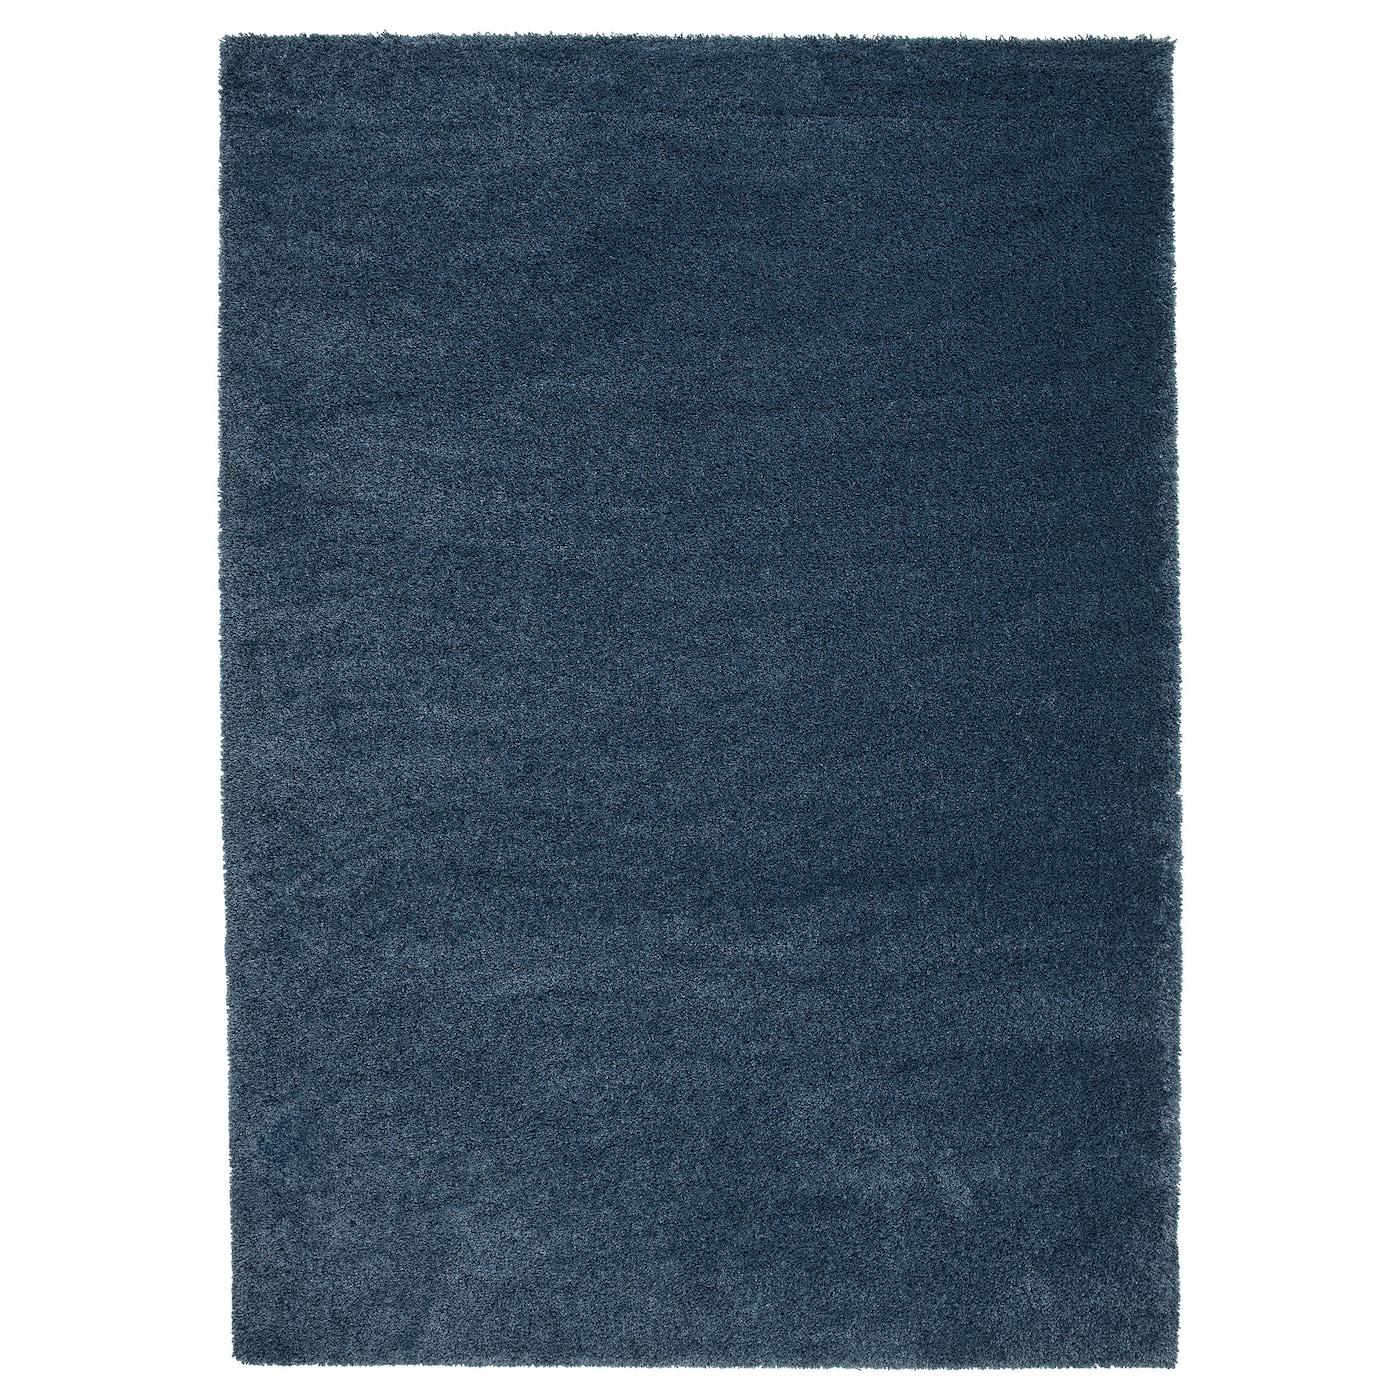 Vimle canap d 39 angle 4 places orrsta bleu noir ikea - Ikea heure d ouverture ...